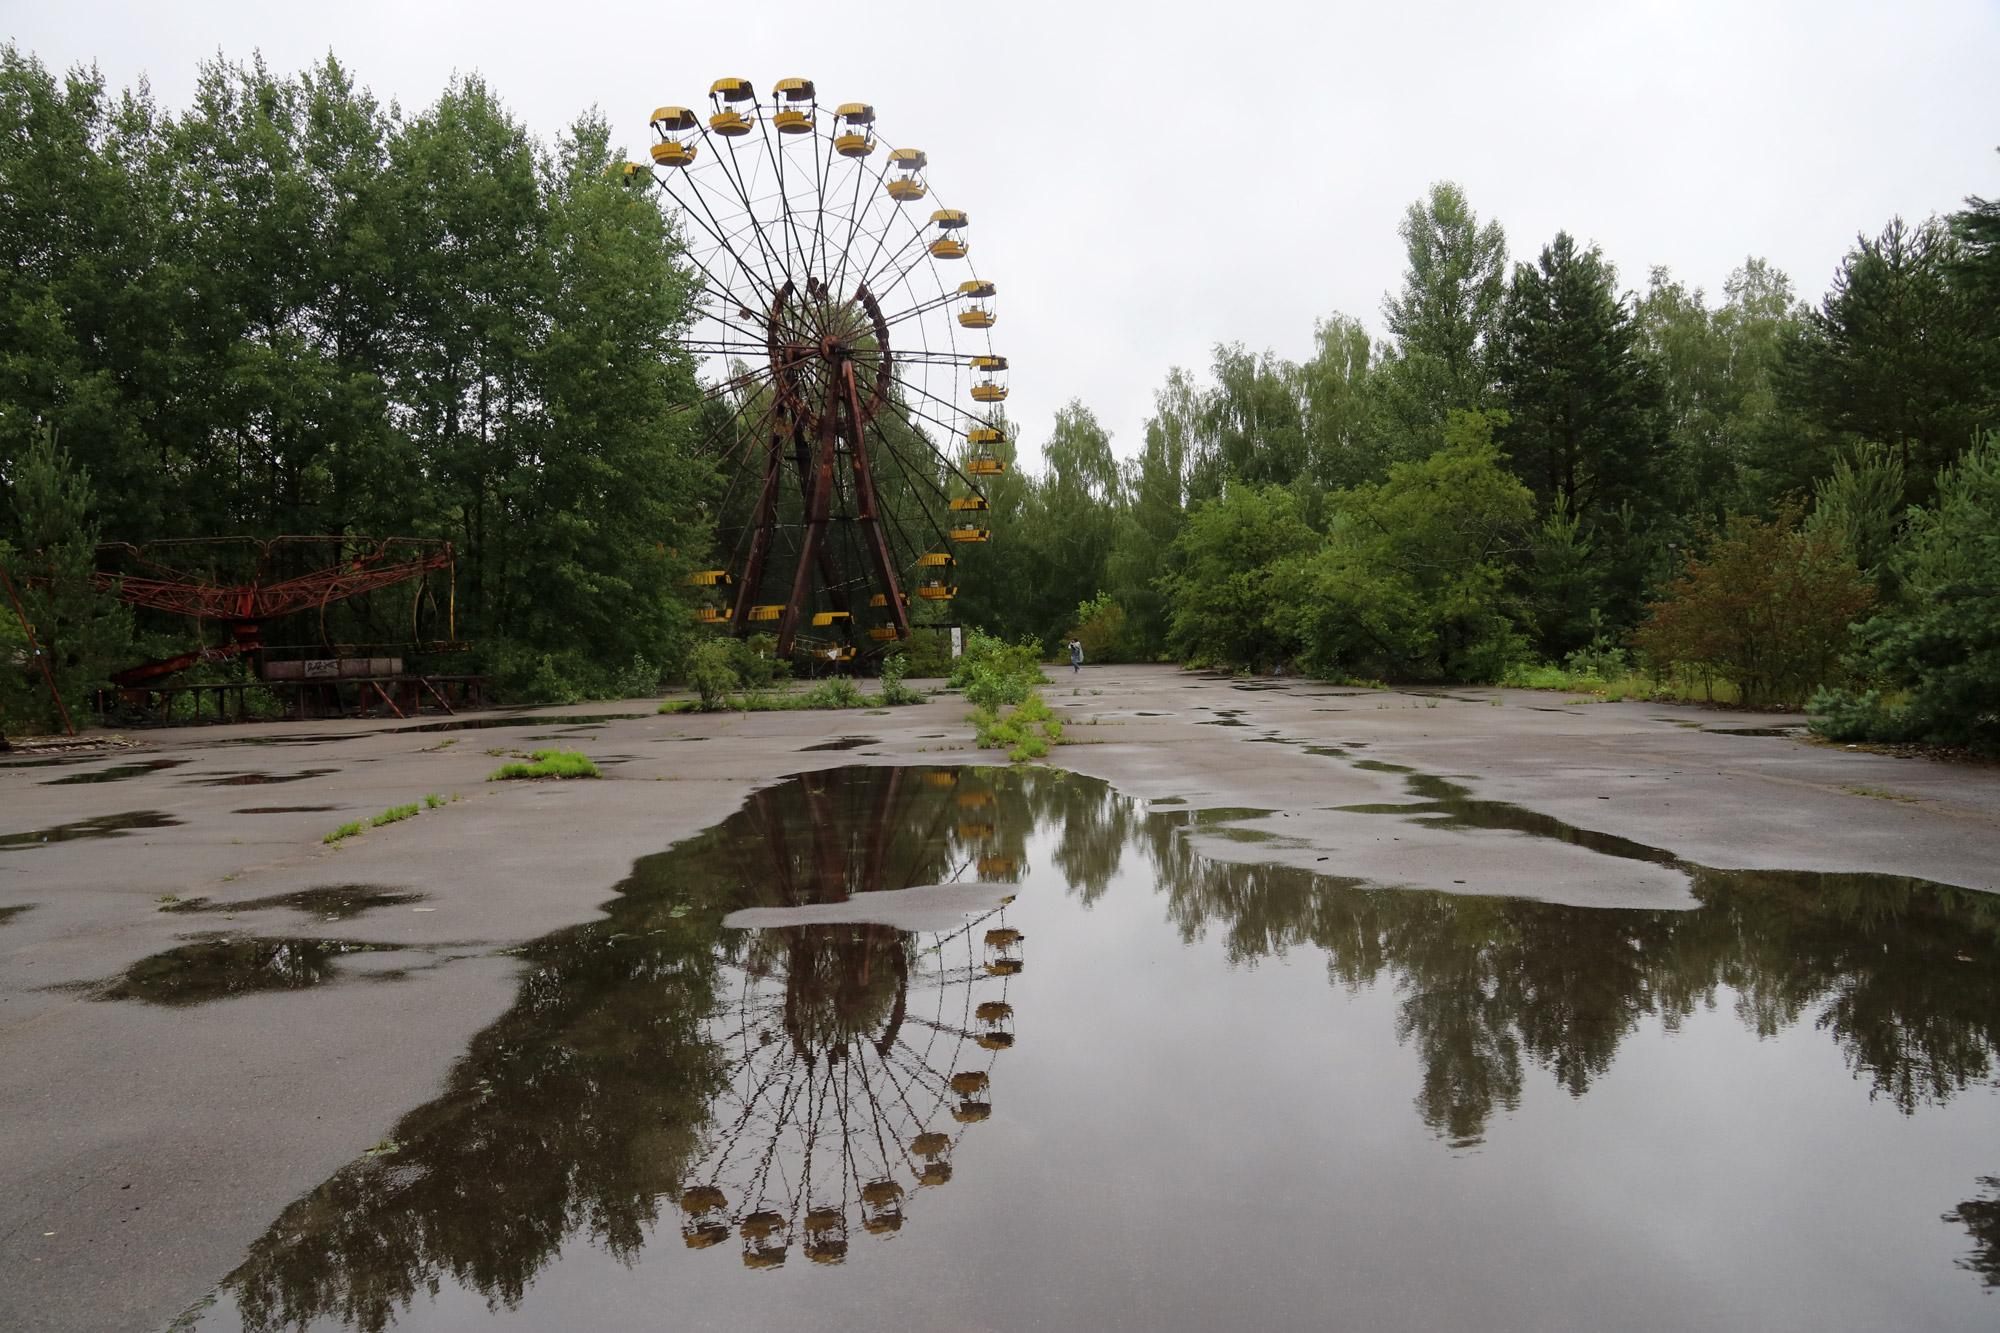 Tsjernobyl - Pripjat - Pretpark